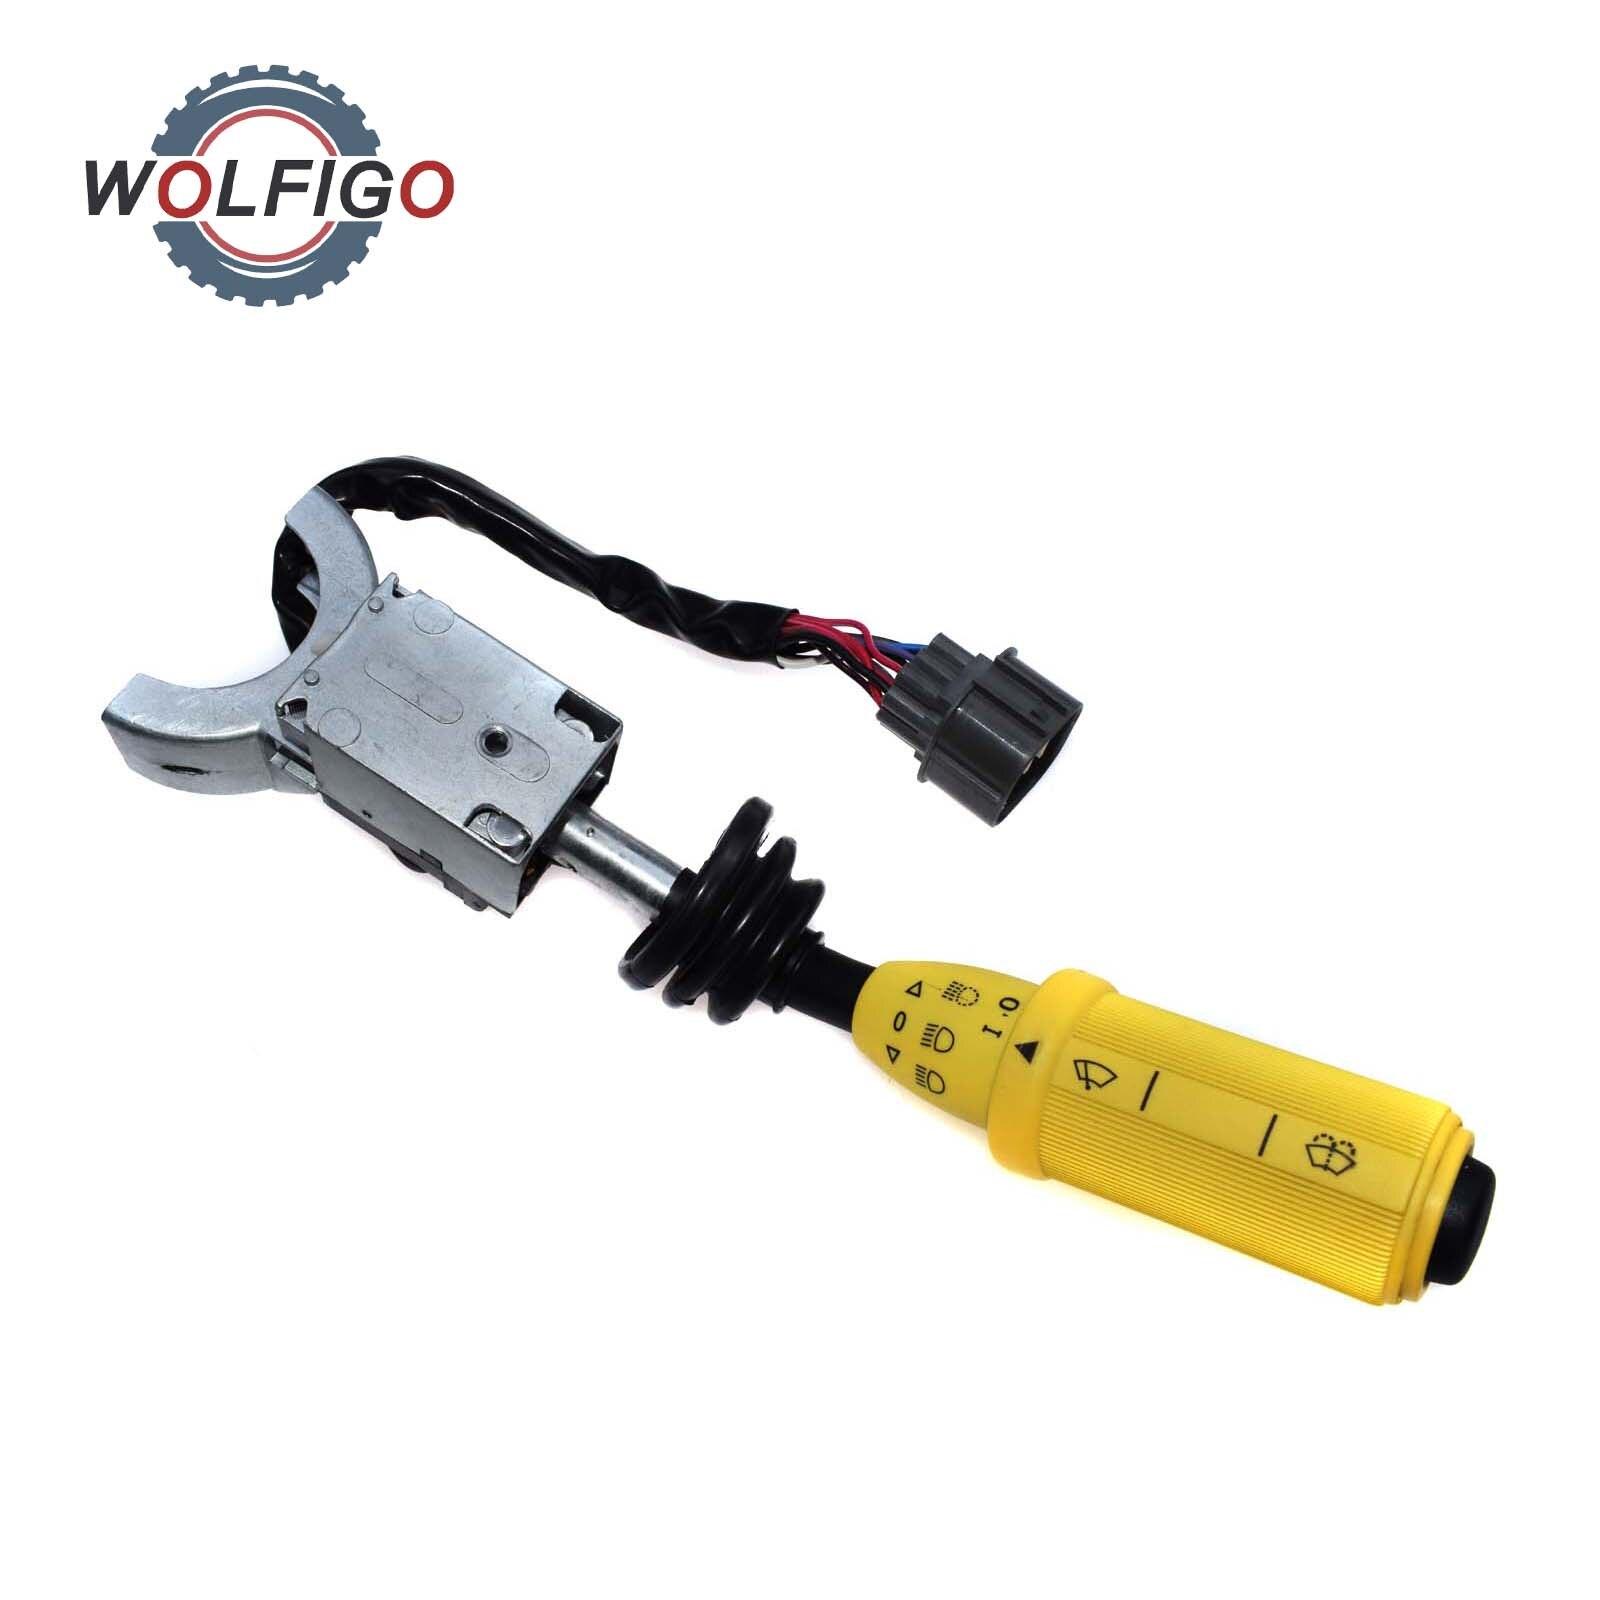 WOLFIGO interruptor de columna de luces y limpiaparabrisas interruptor de señal de giro a la derecha para JCB 3CX 4CX n. ° 701/37702 701-37702 70137702